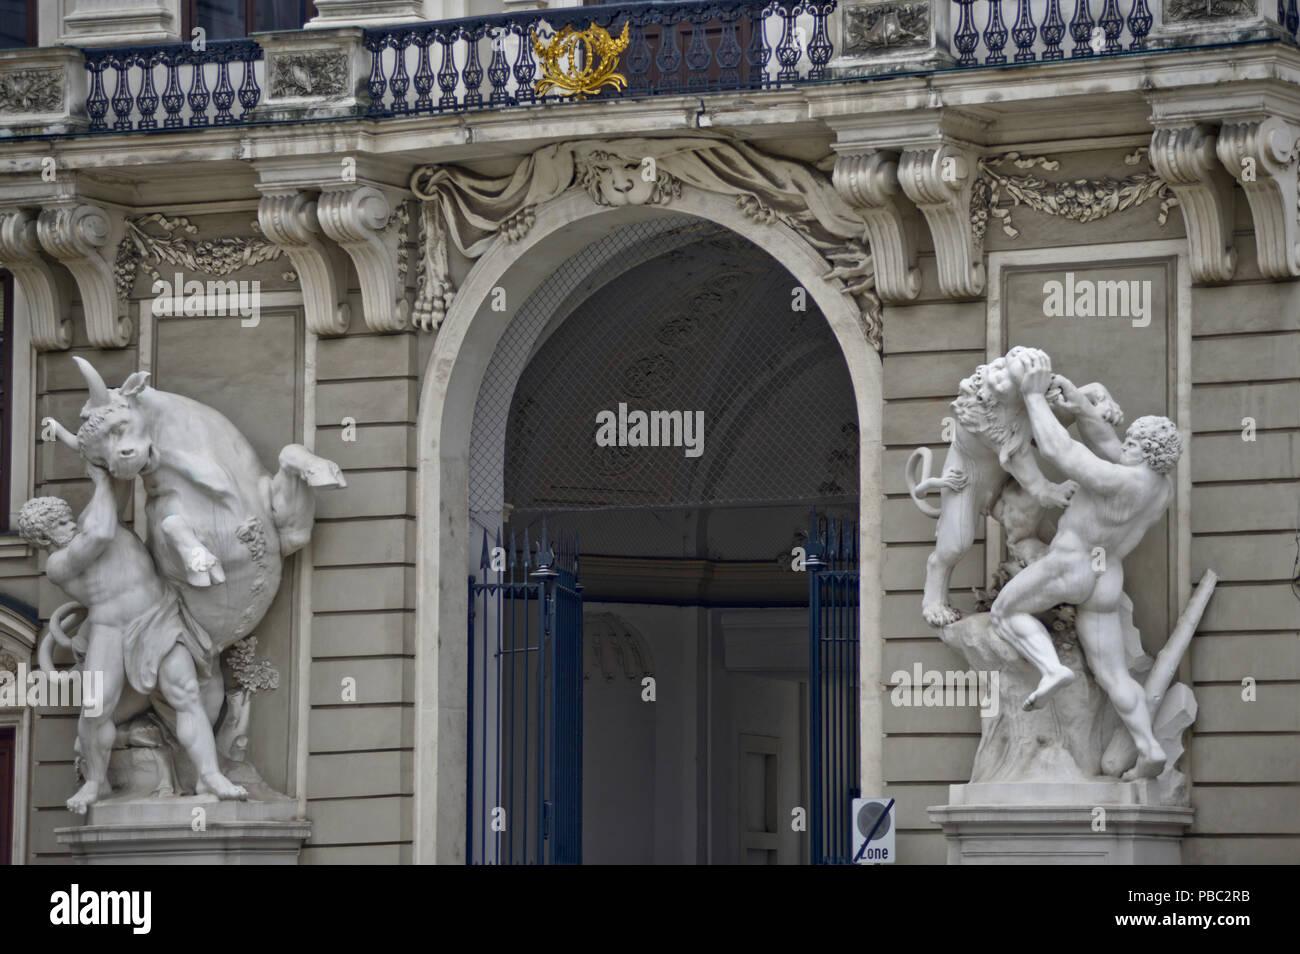 La scuola di equitazione spagnola (Spanische Hofreitschule), Vienna, Austria Immagini Stock